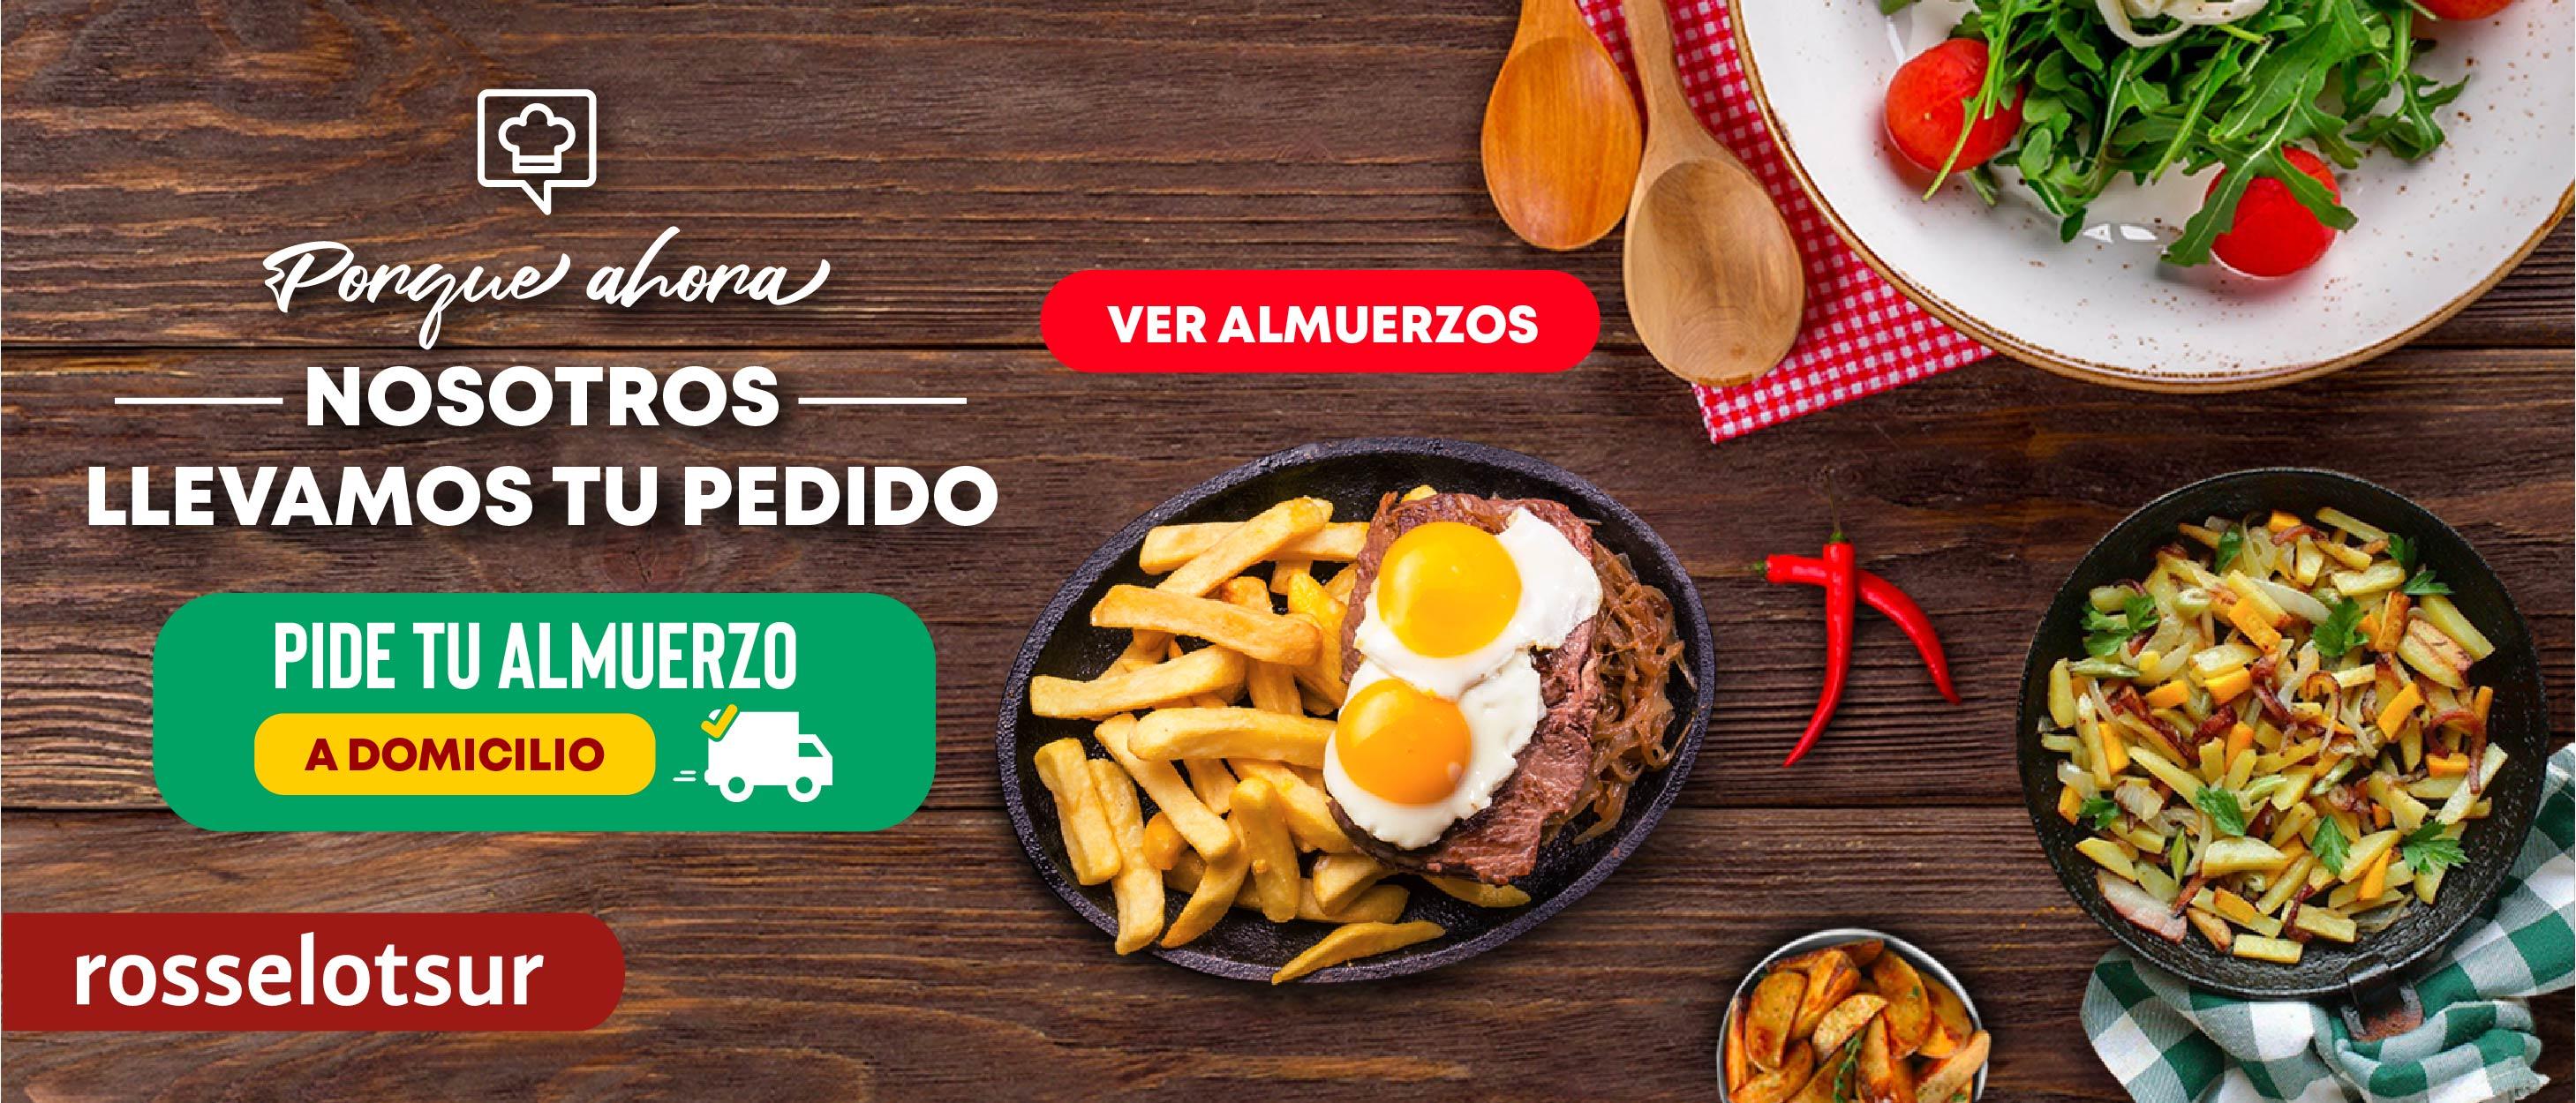 hamburguesa-rosselot